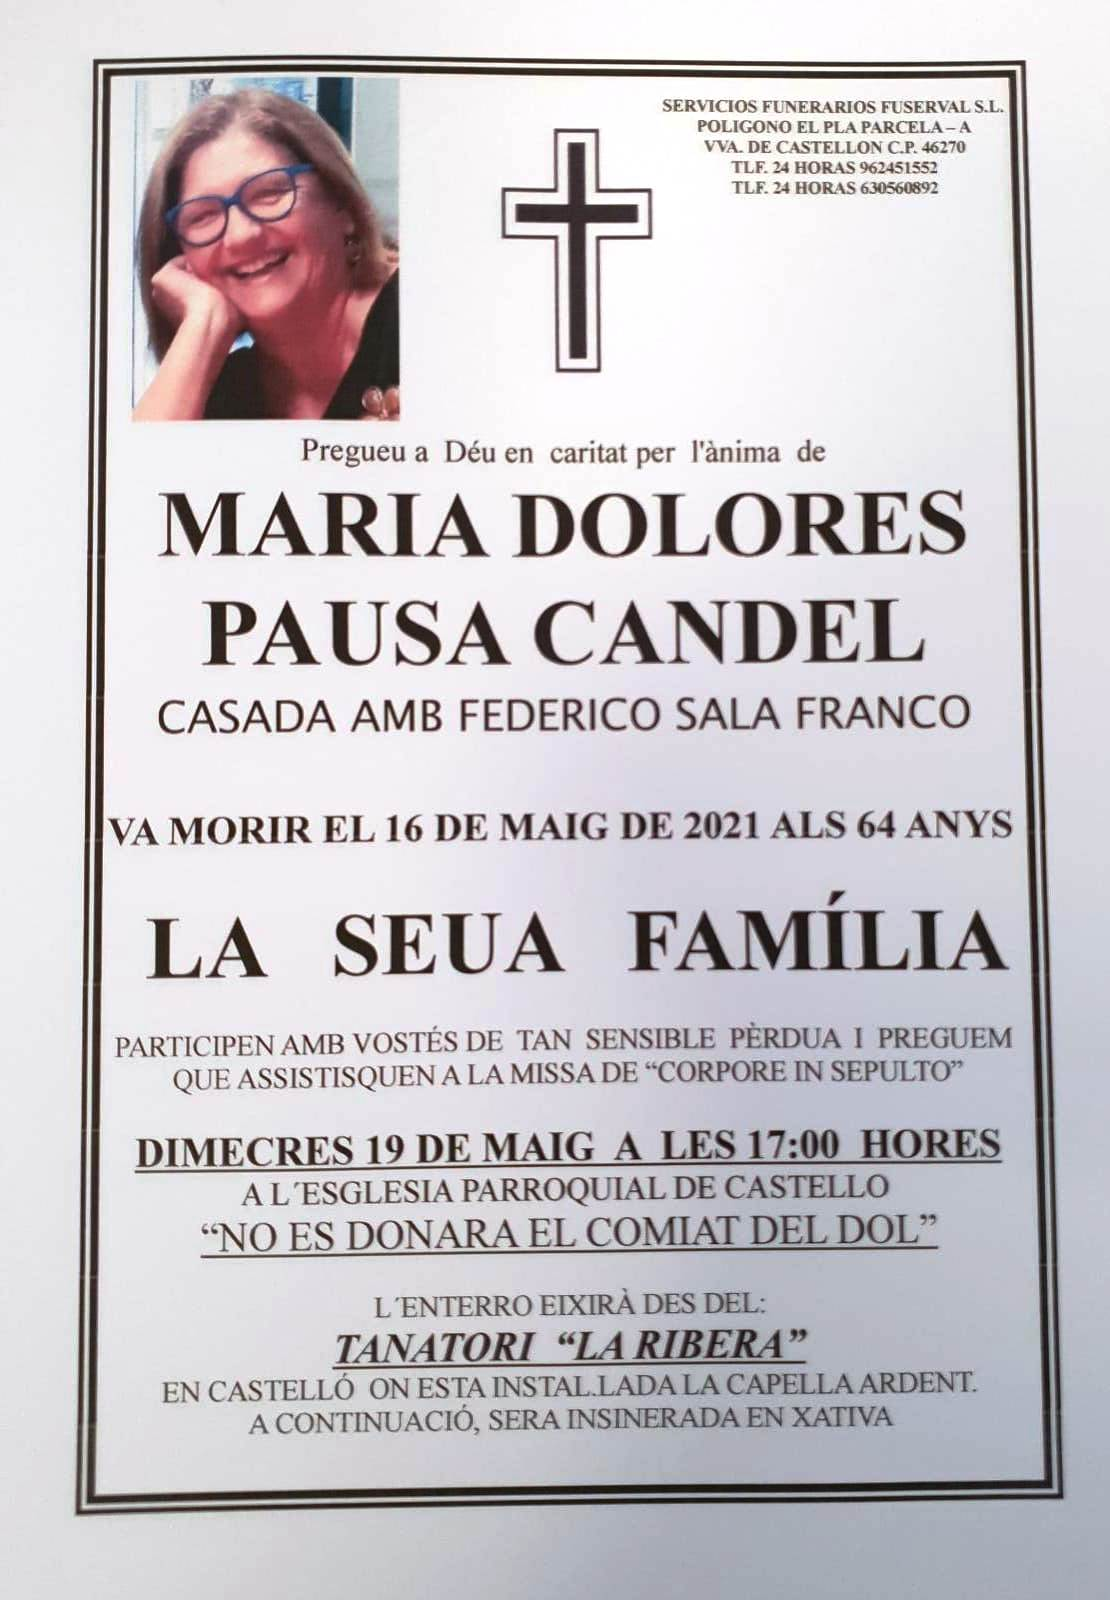 Obituari - MARIA DOLORES PAUSA CANDEL